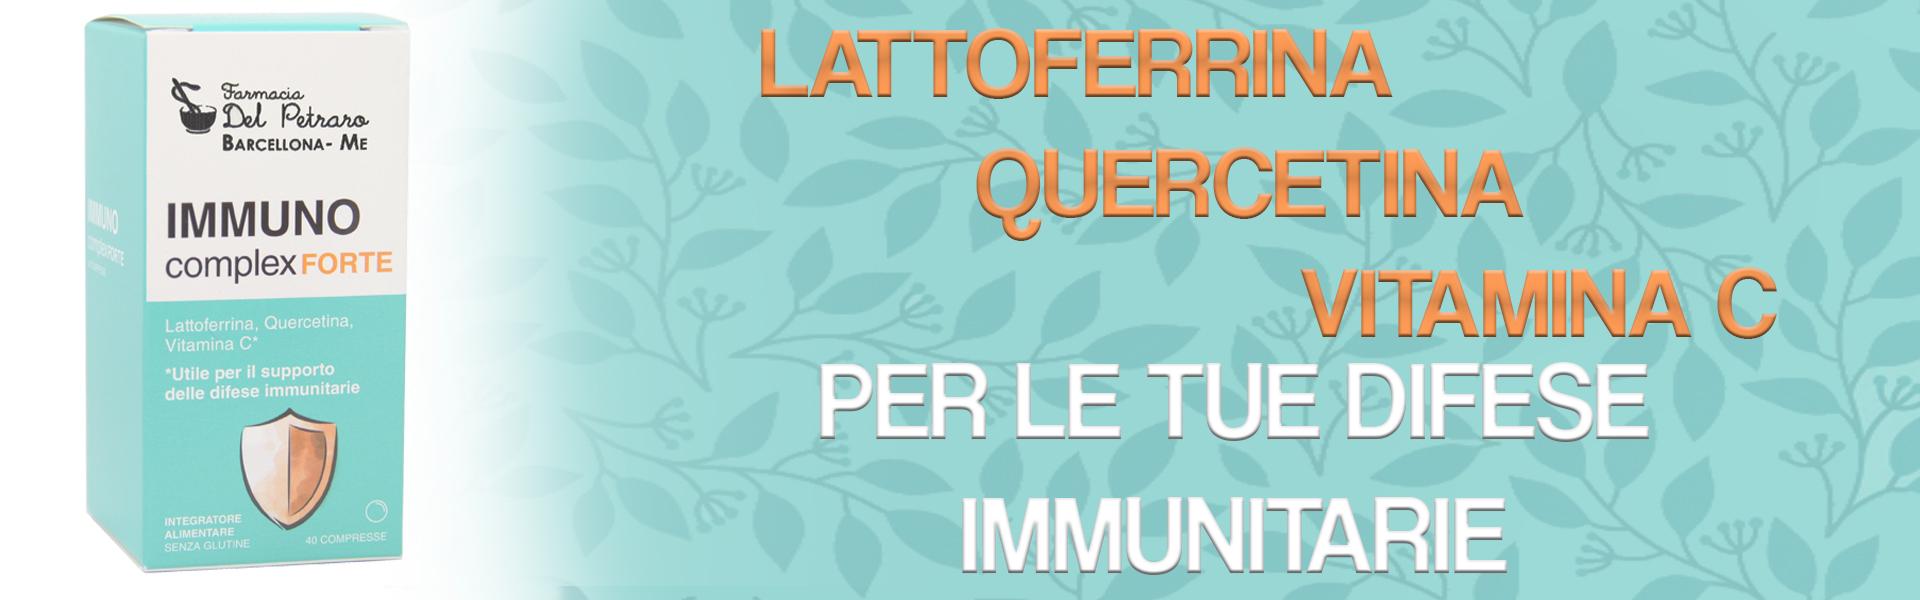 LFP IMMUNOCOMPLEX FORTE